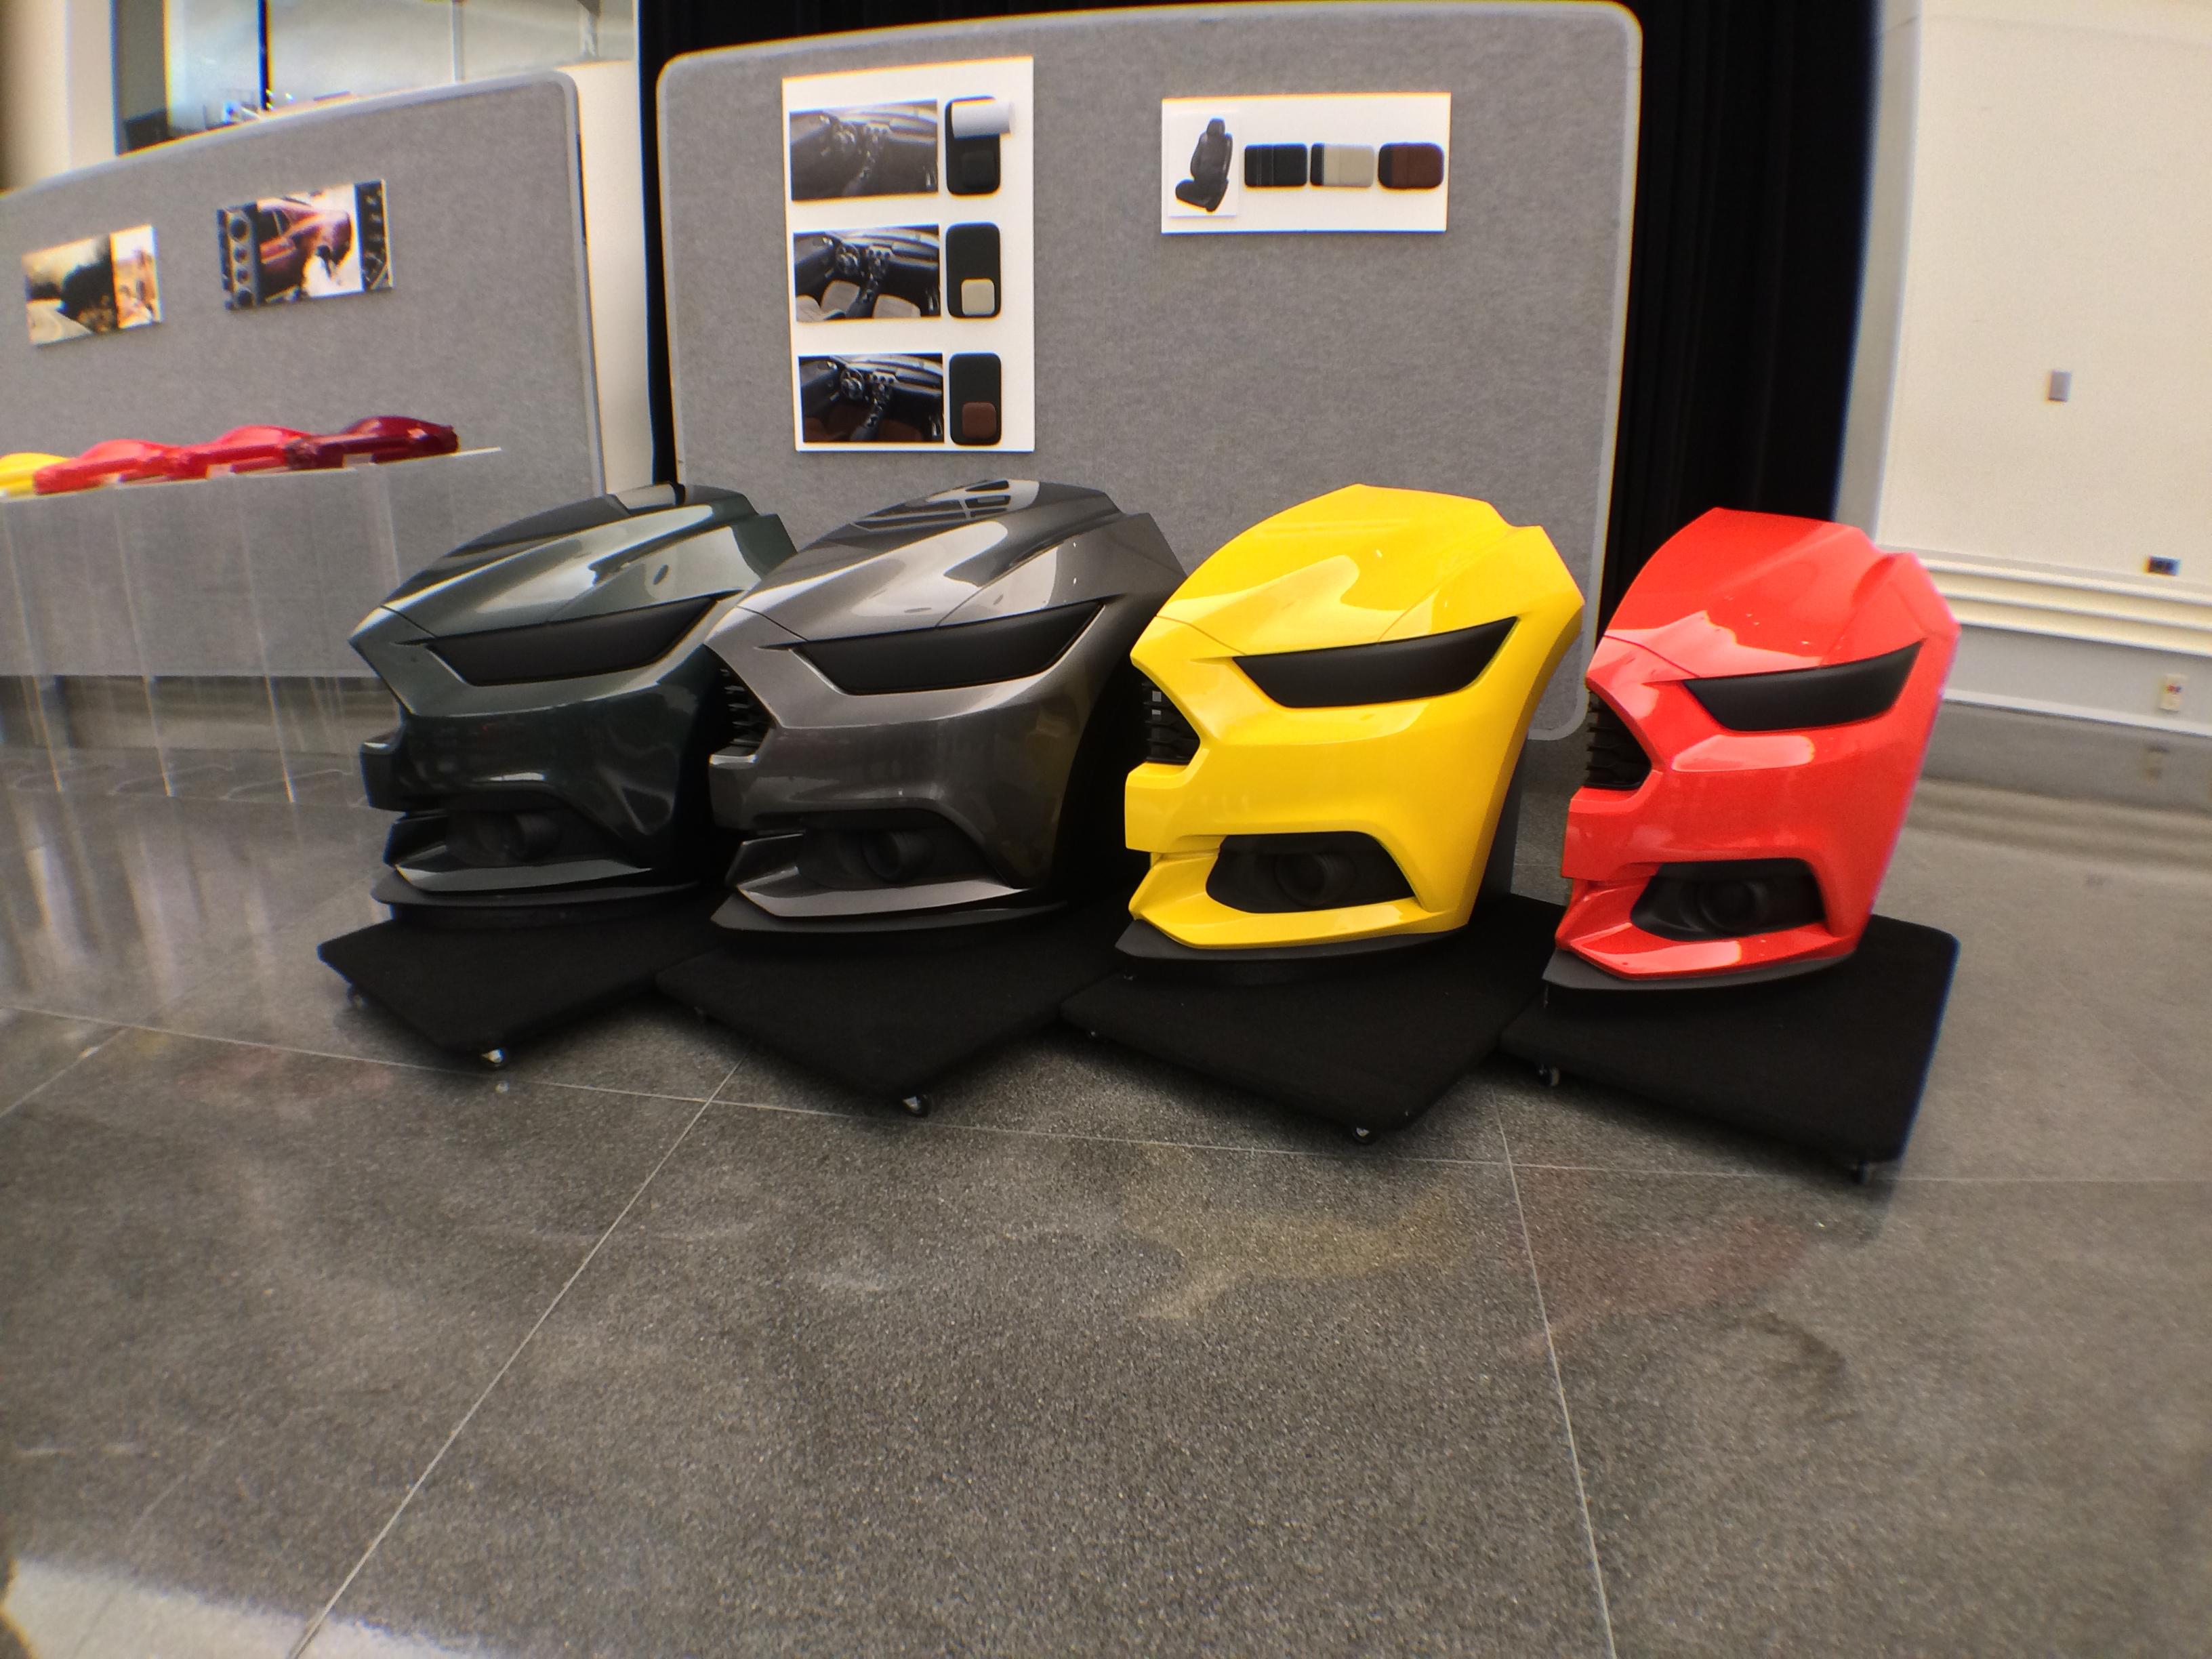 2015 mustang motor review